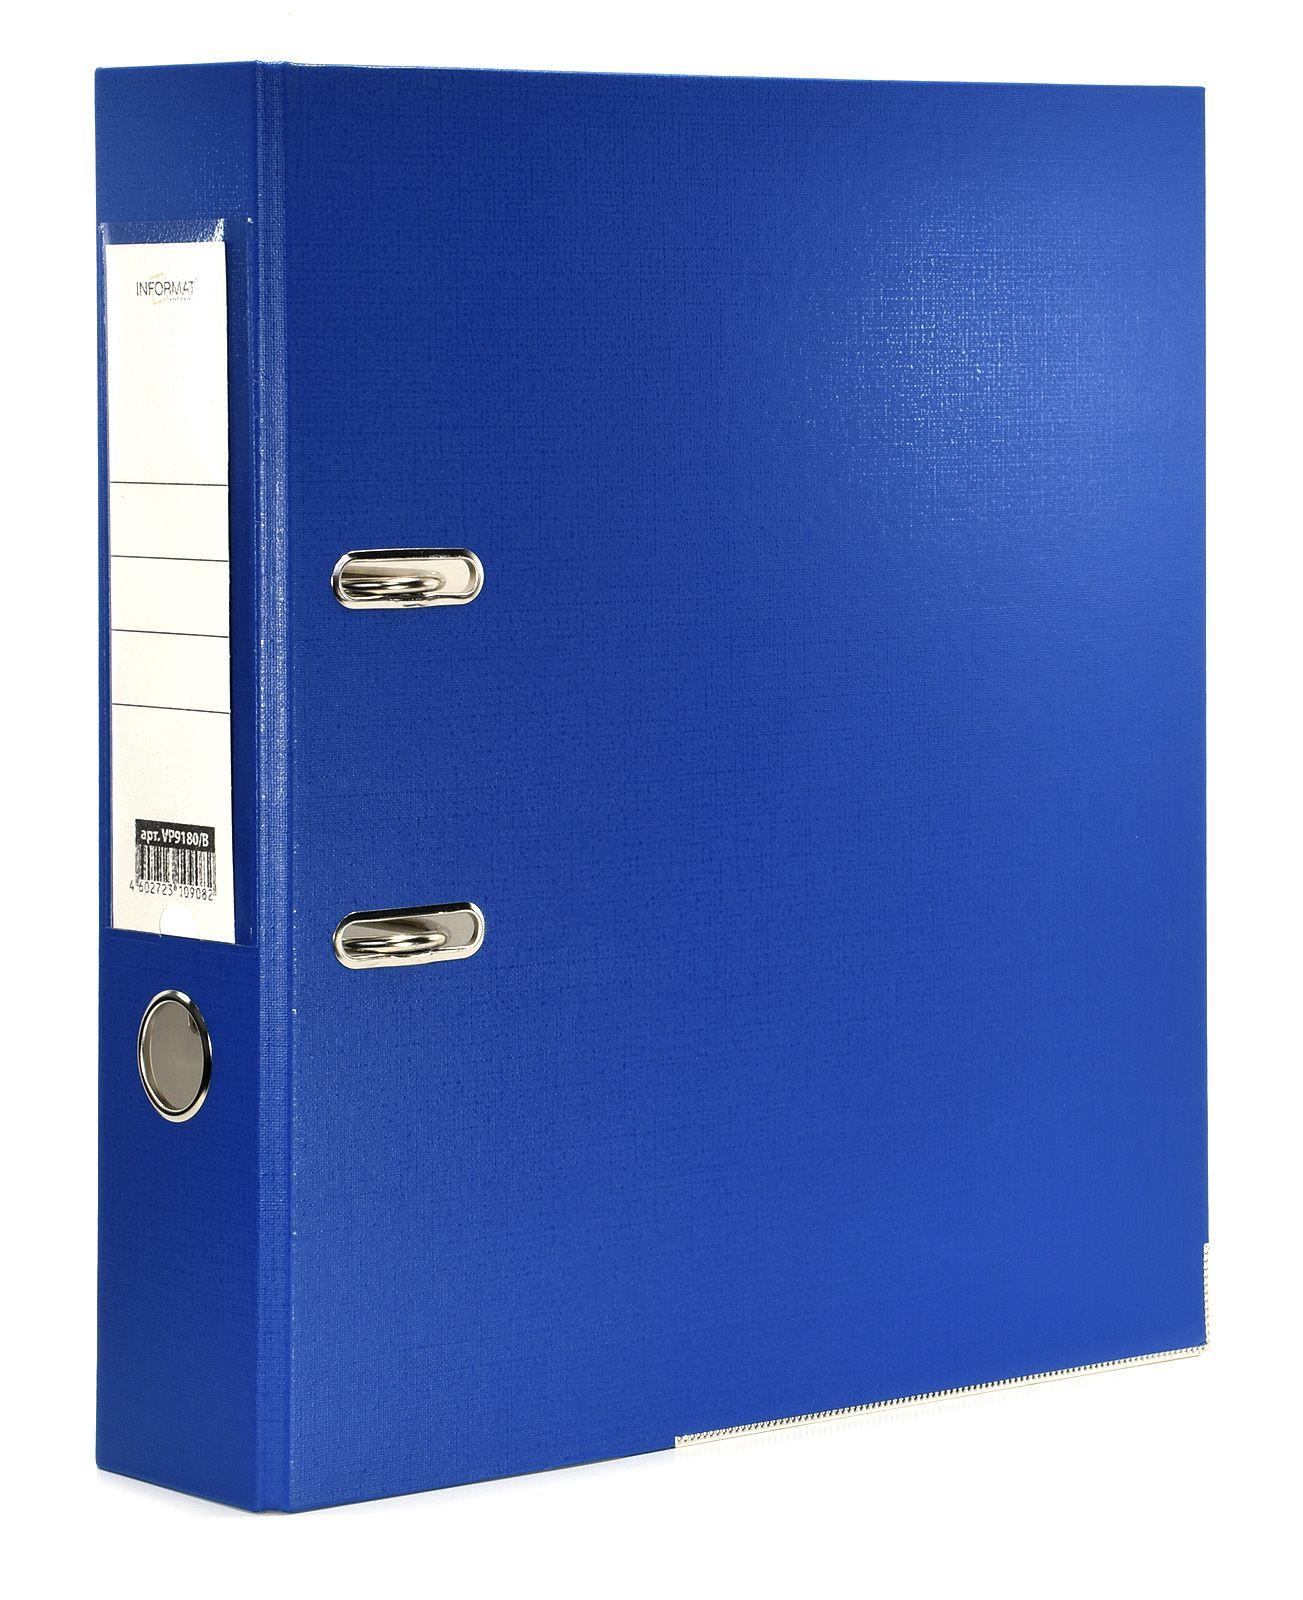 Папка-регистратор INFORMAT 75 мм одностороннее покрытие PVC, синяя